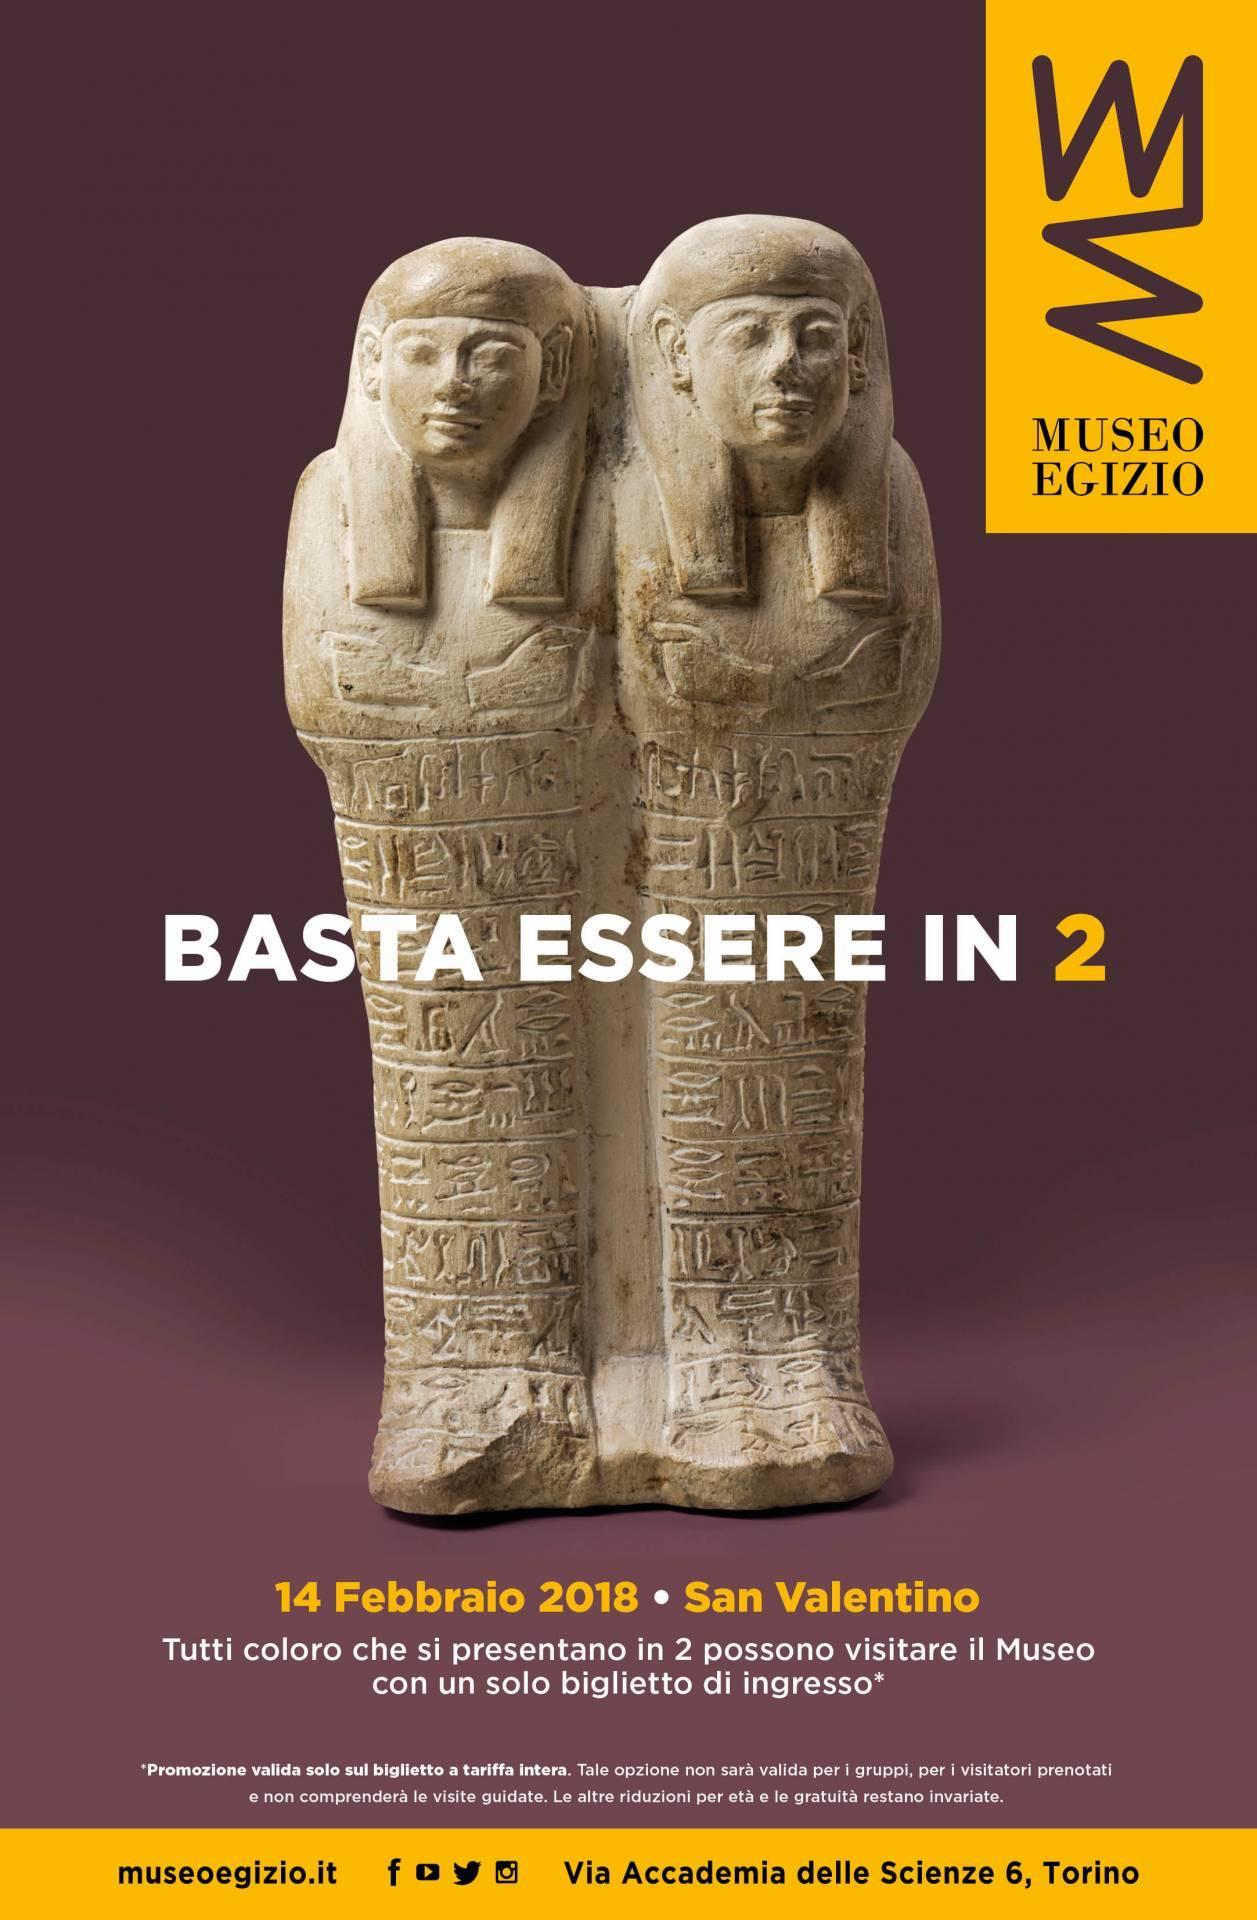 sanvalentino2018 museo egizio